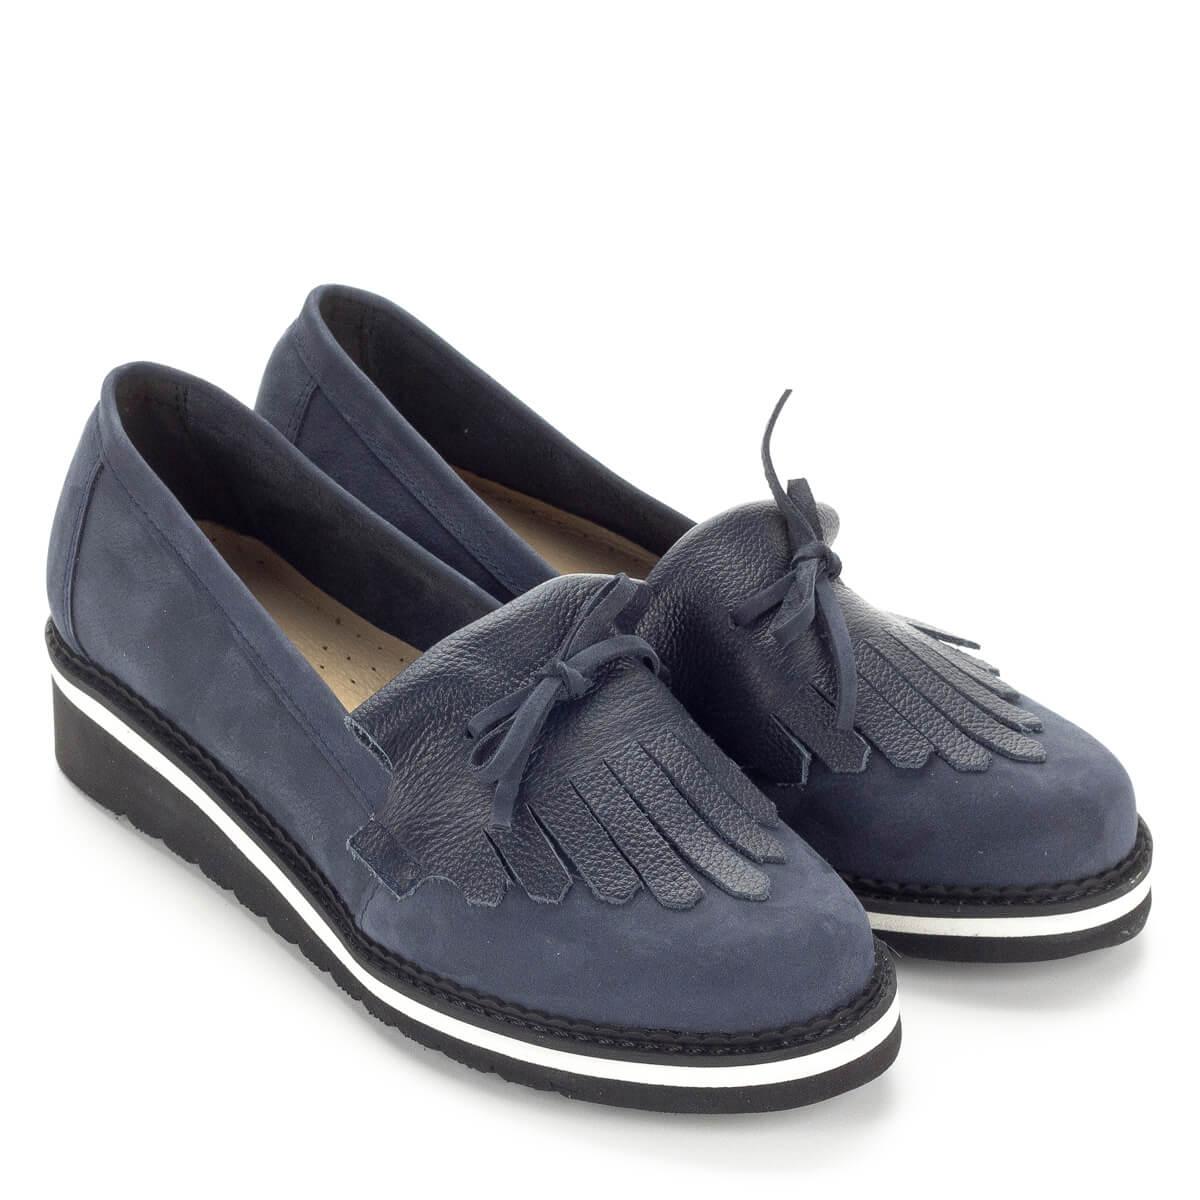 216f9115bb ChiX Női cipő webáruház - Női cipők, online rendelés - Tamaris webshop